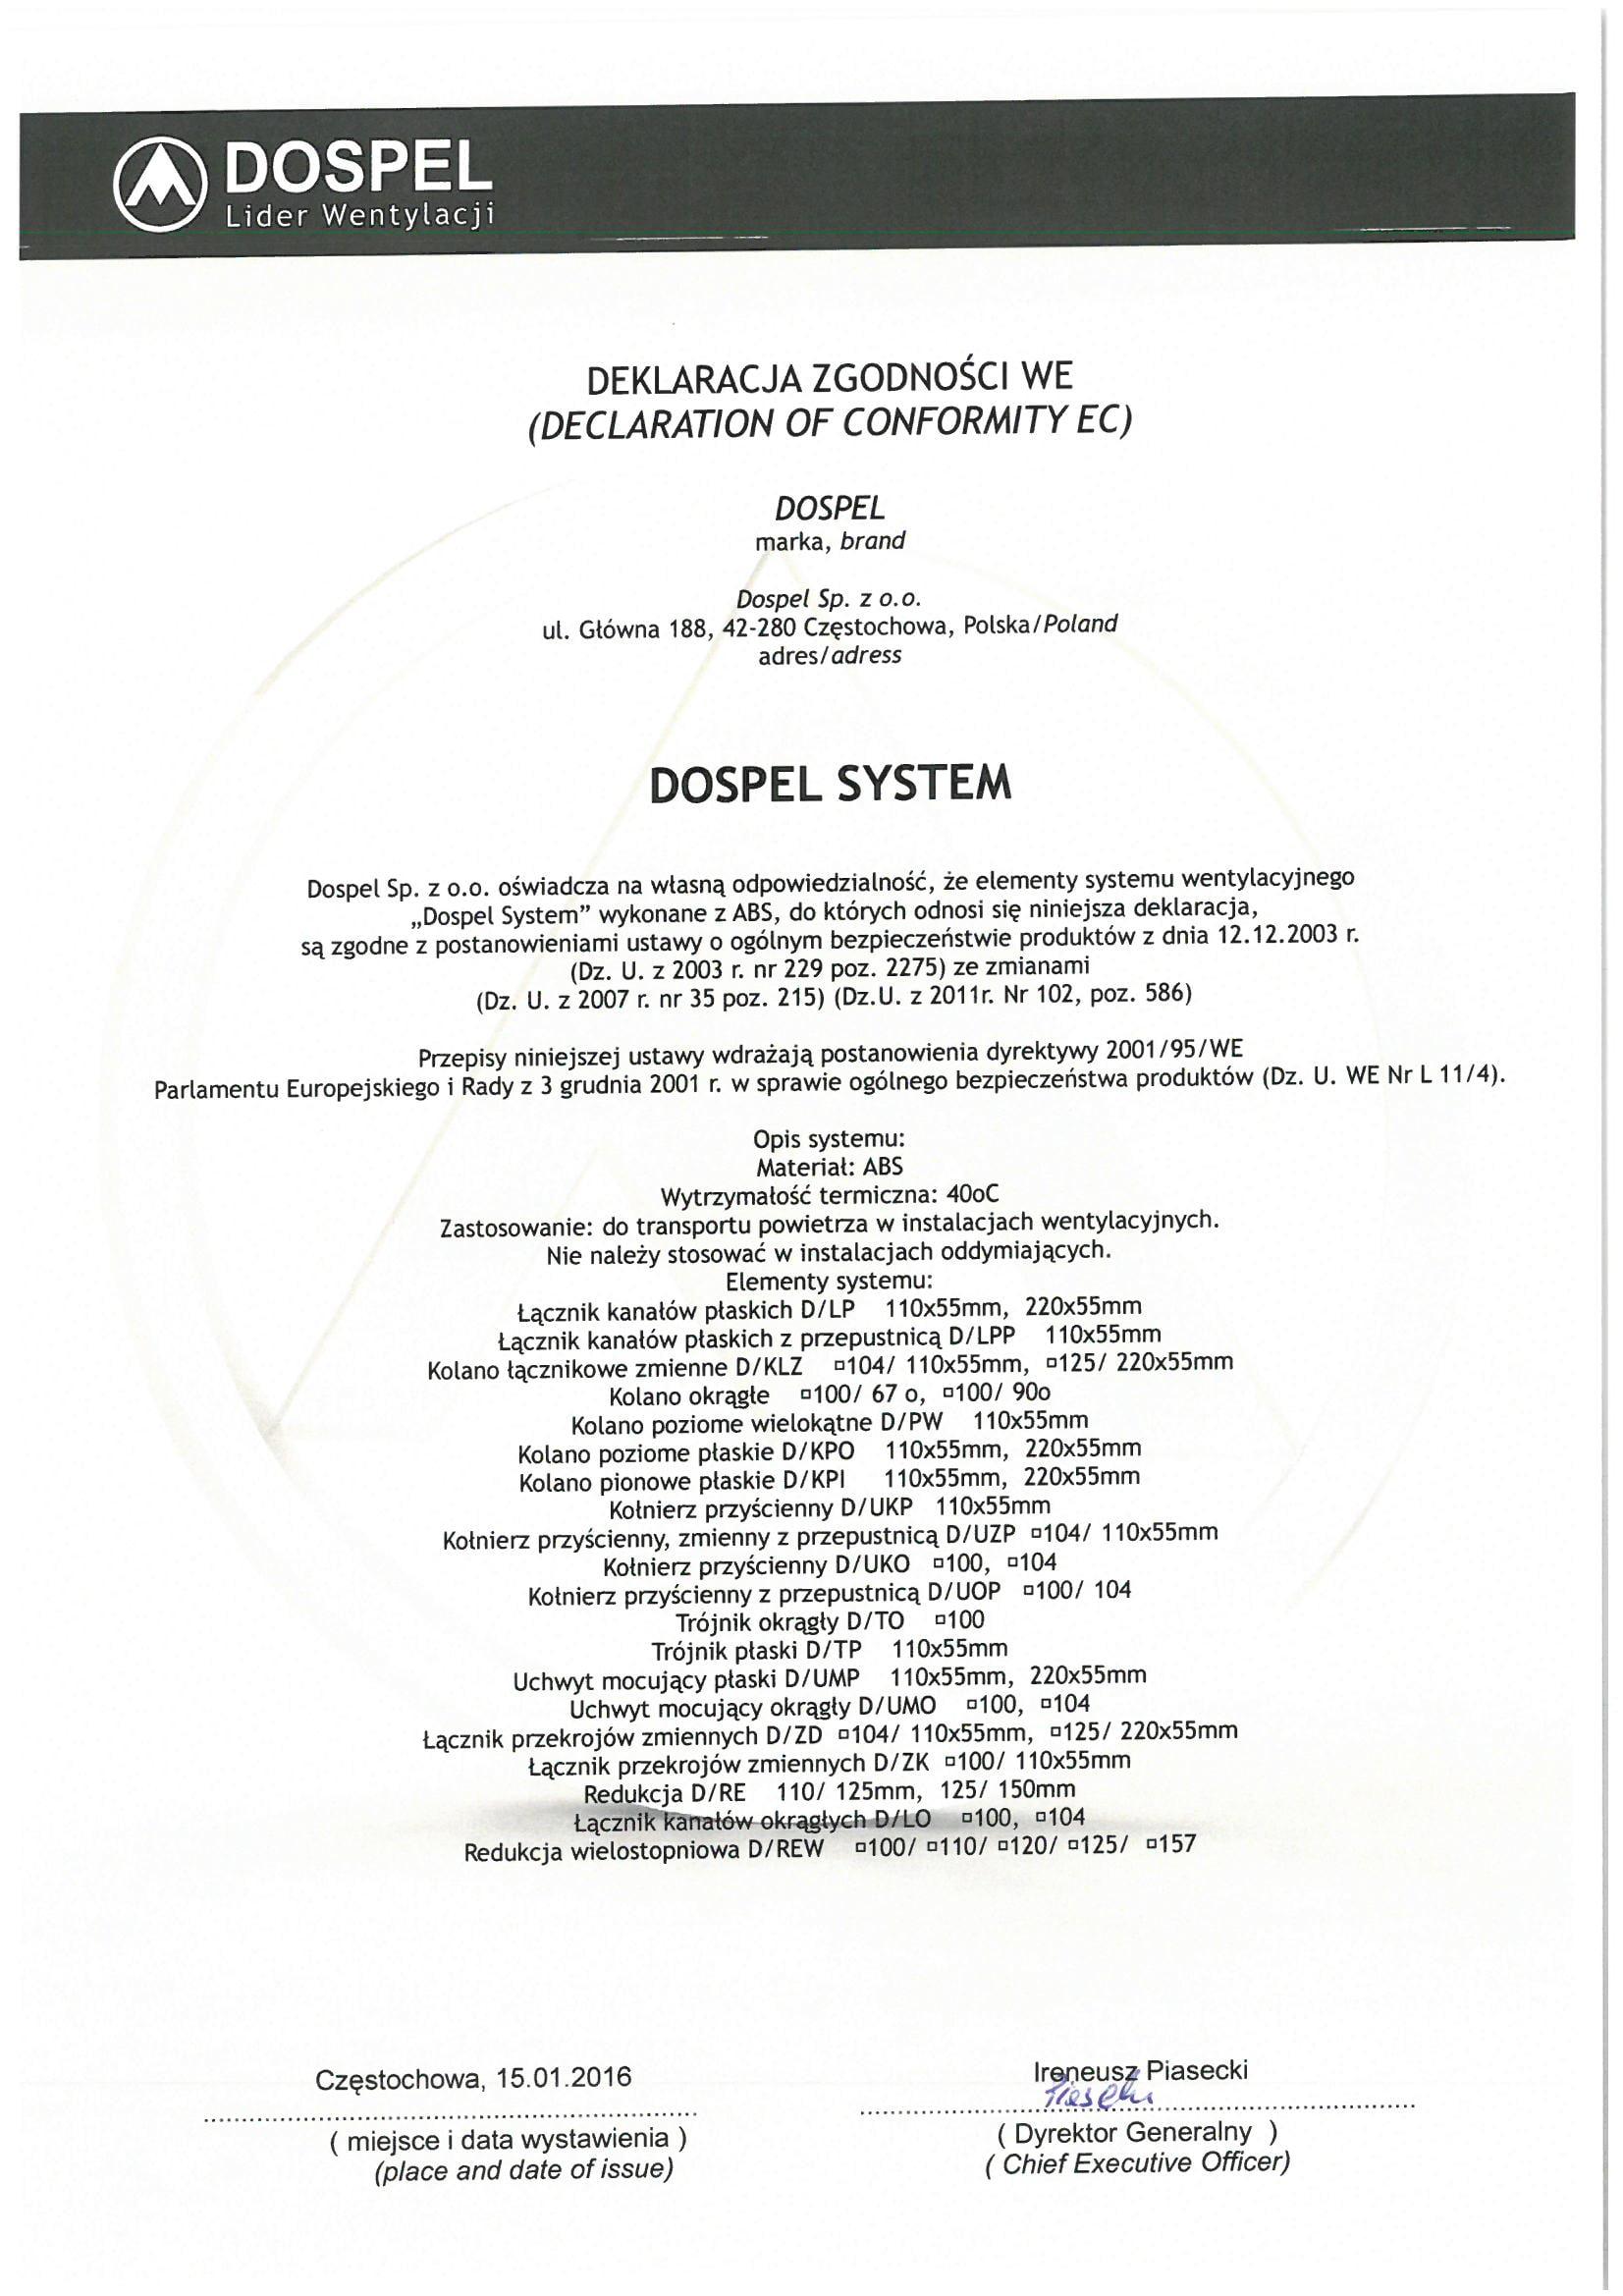 Dospel system, przewody wentylacyjne, Black White, certyfikat, deklaracja zgodności, producent wentylatorów, Dospel